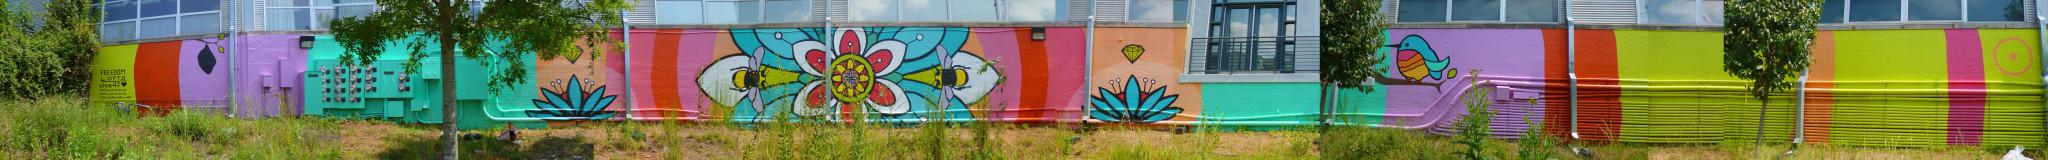 Œuvre Par olive47 à Atlanta